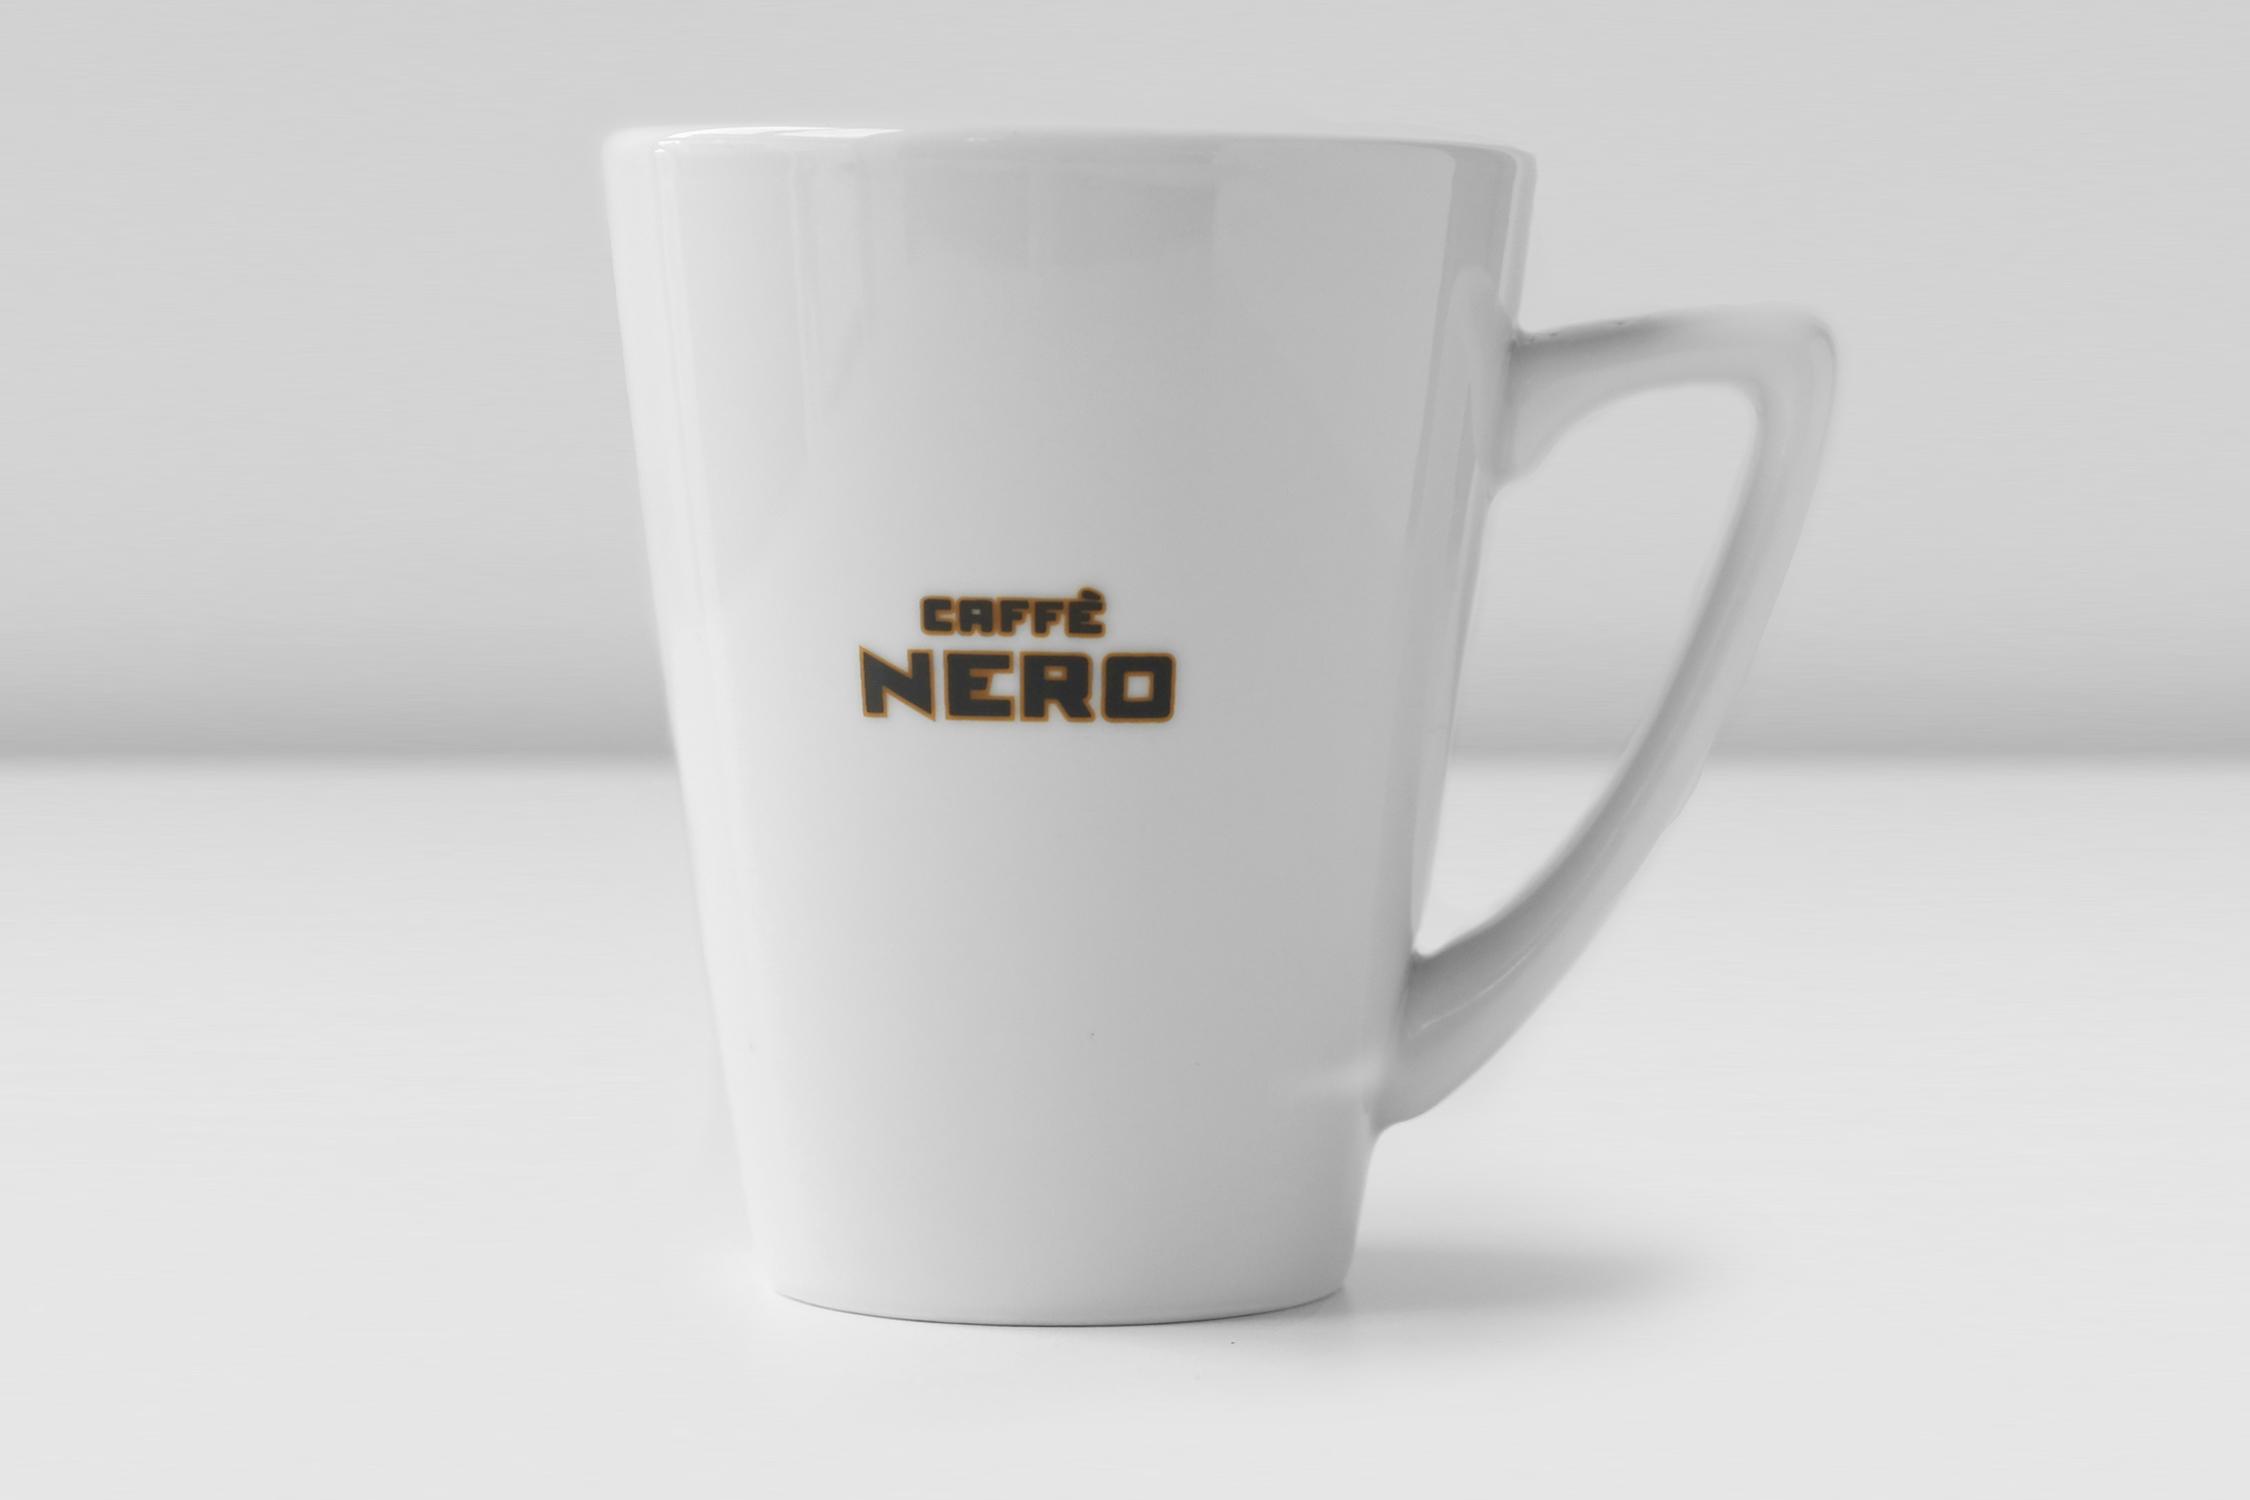 grande-ceramic-cup